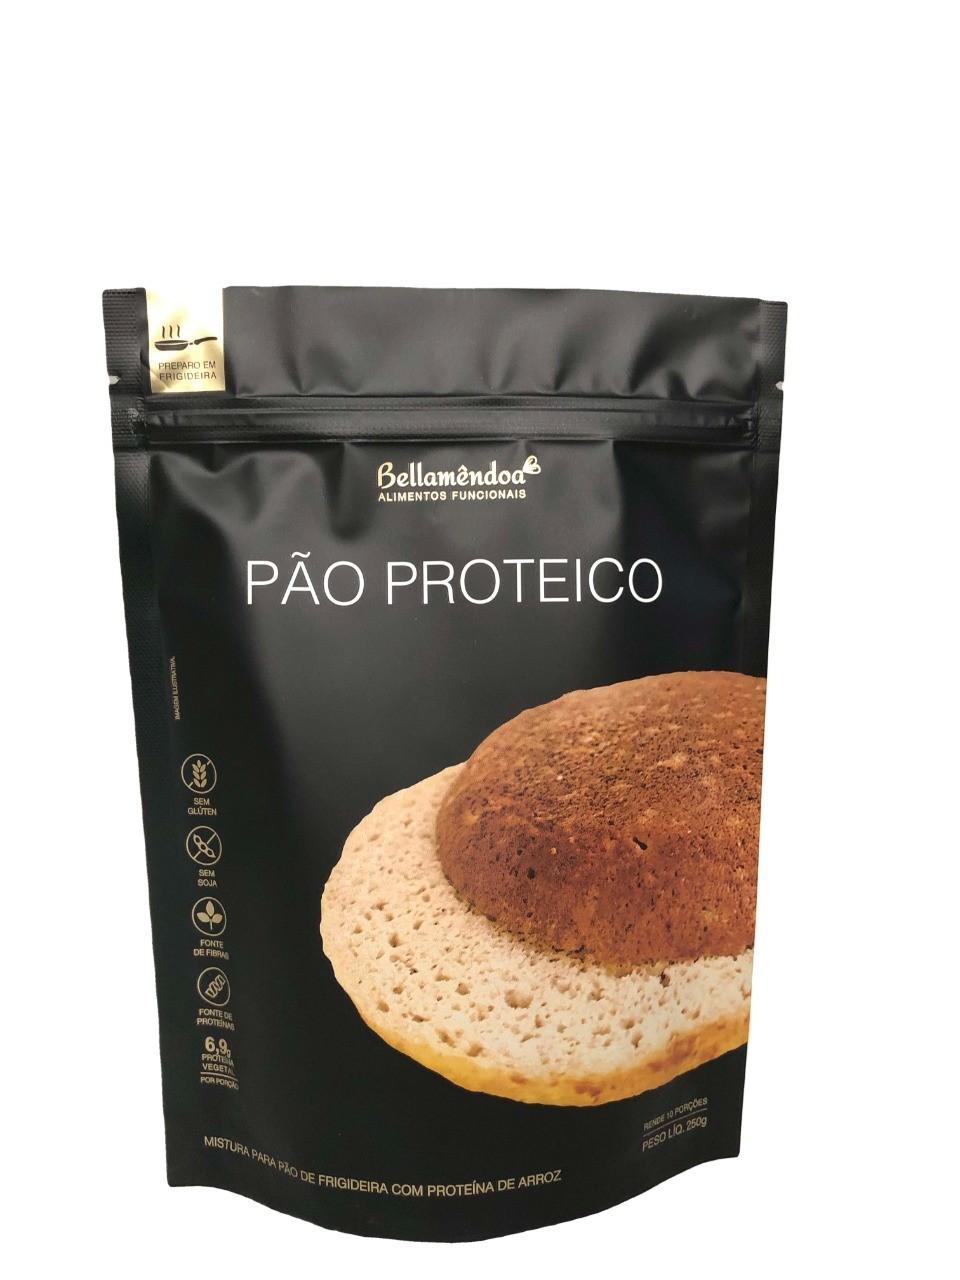 Pão Proteico de Frigideira - 10 Porções (250g) - Bellamêndoa